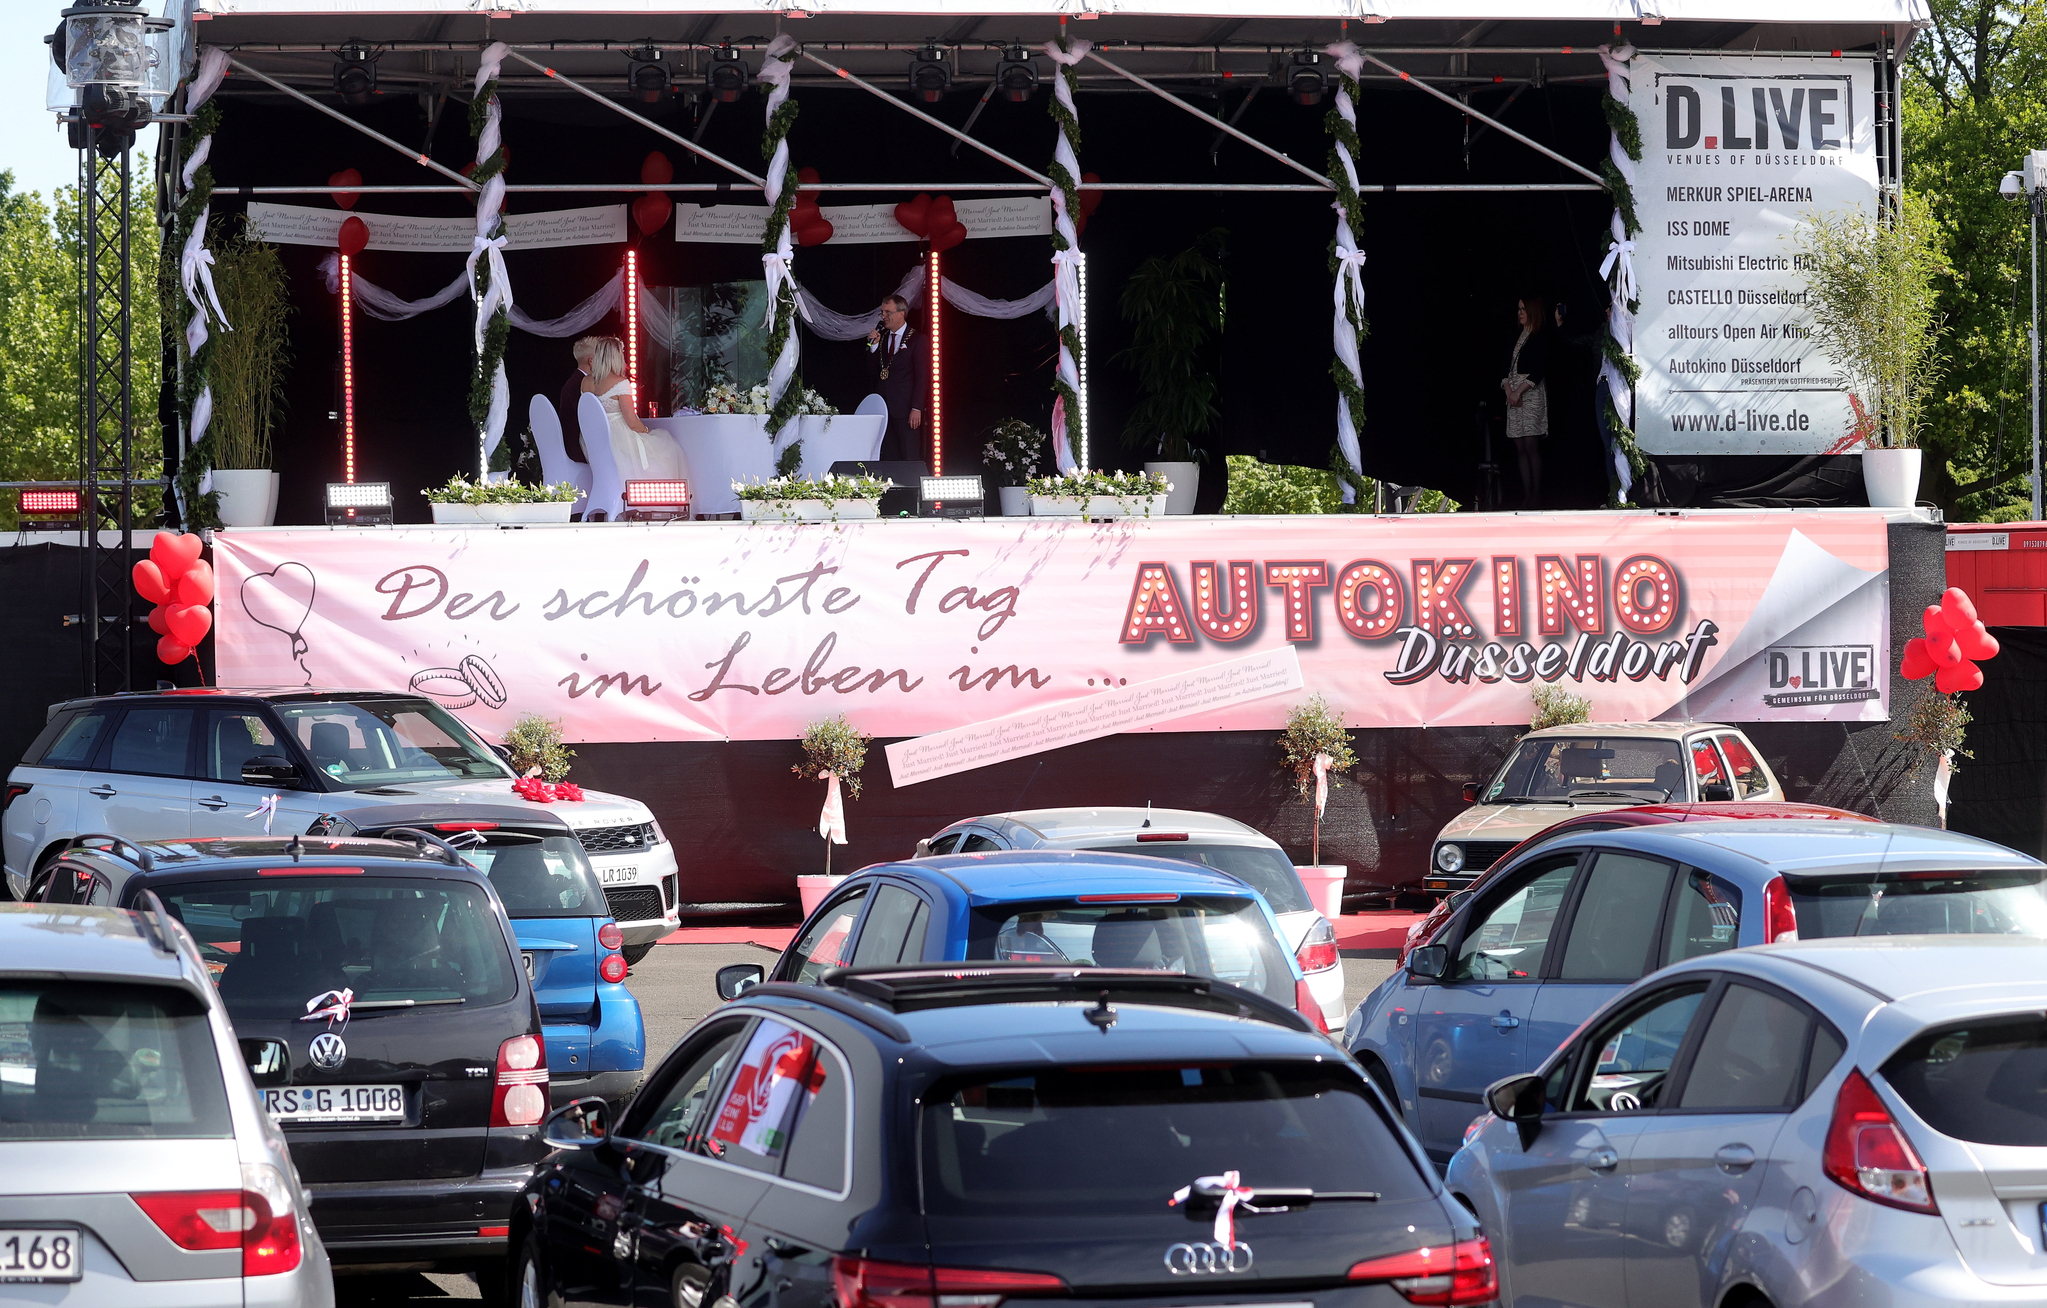 5일(현지시간) 독일 뒤셀도르프의 한 드라이브인 영화관 주차장에서 신부 재닌과 신랑 필립 스콜즈의 결혼식이 진행 되고 있다. 하객들이 자신의 차에 탄 채 결혼식을 지켜보고 있다. [EPA=연합뉴스]